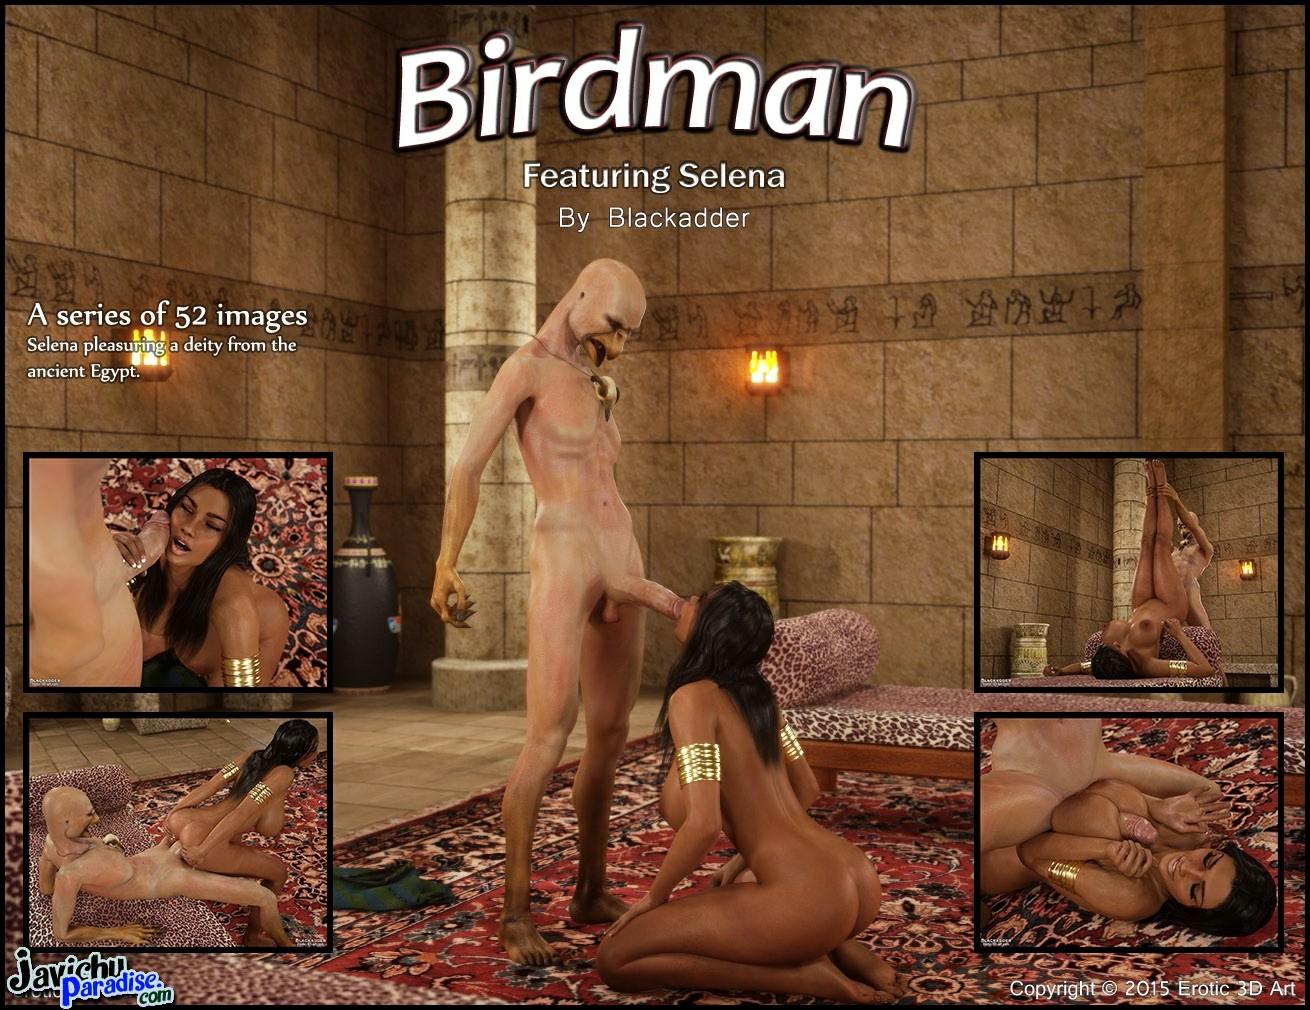 Birdman Featured Selena